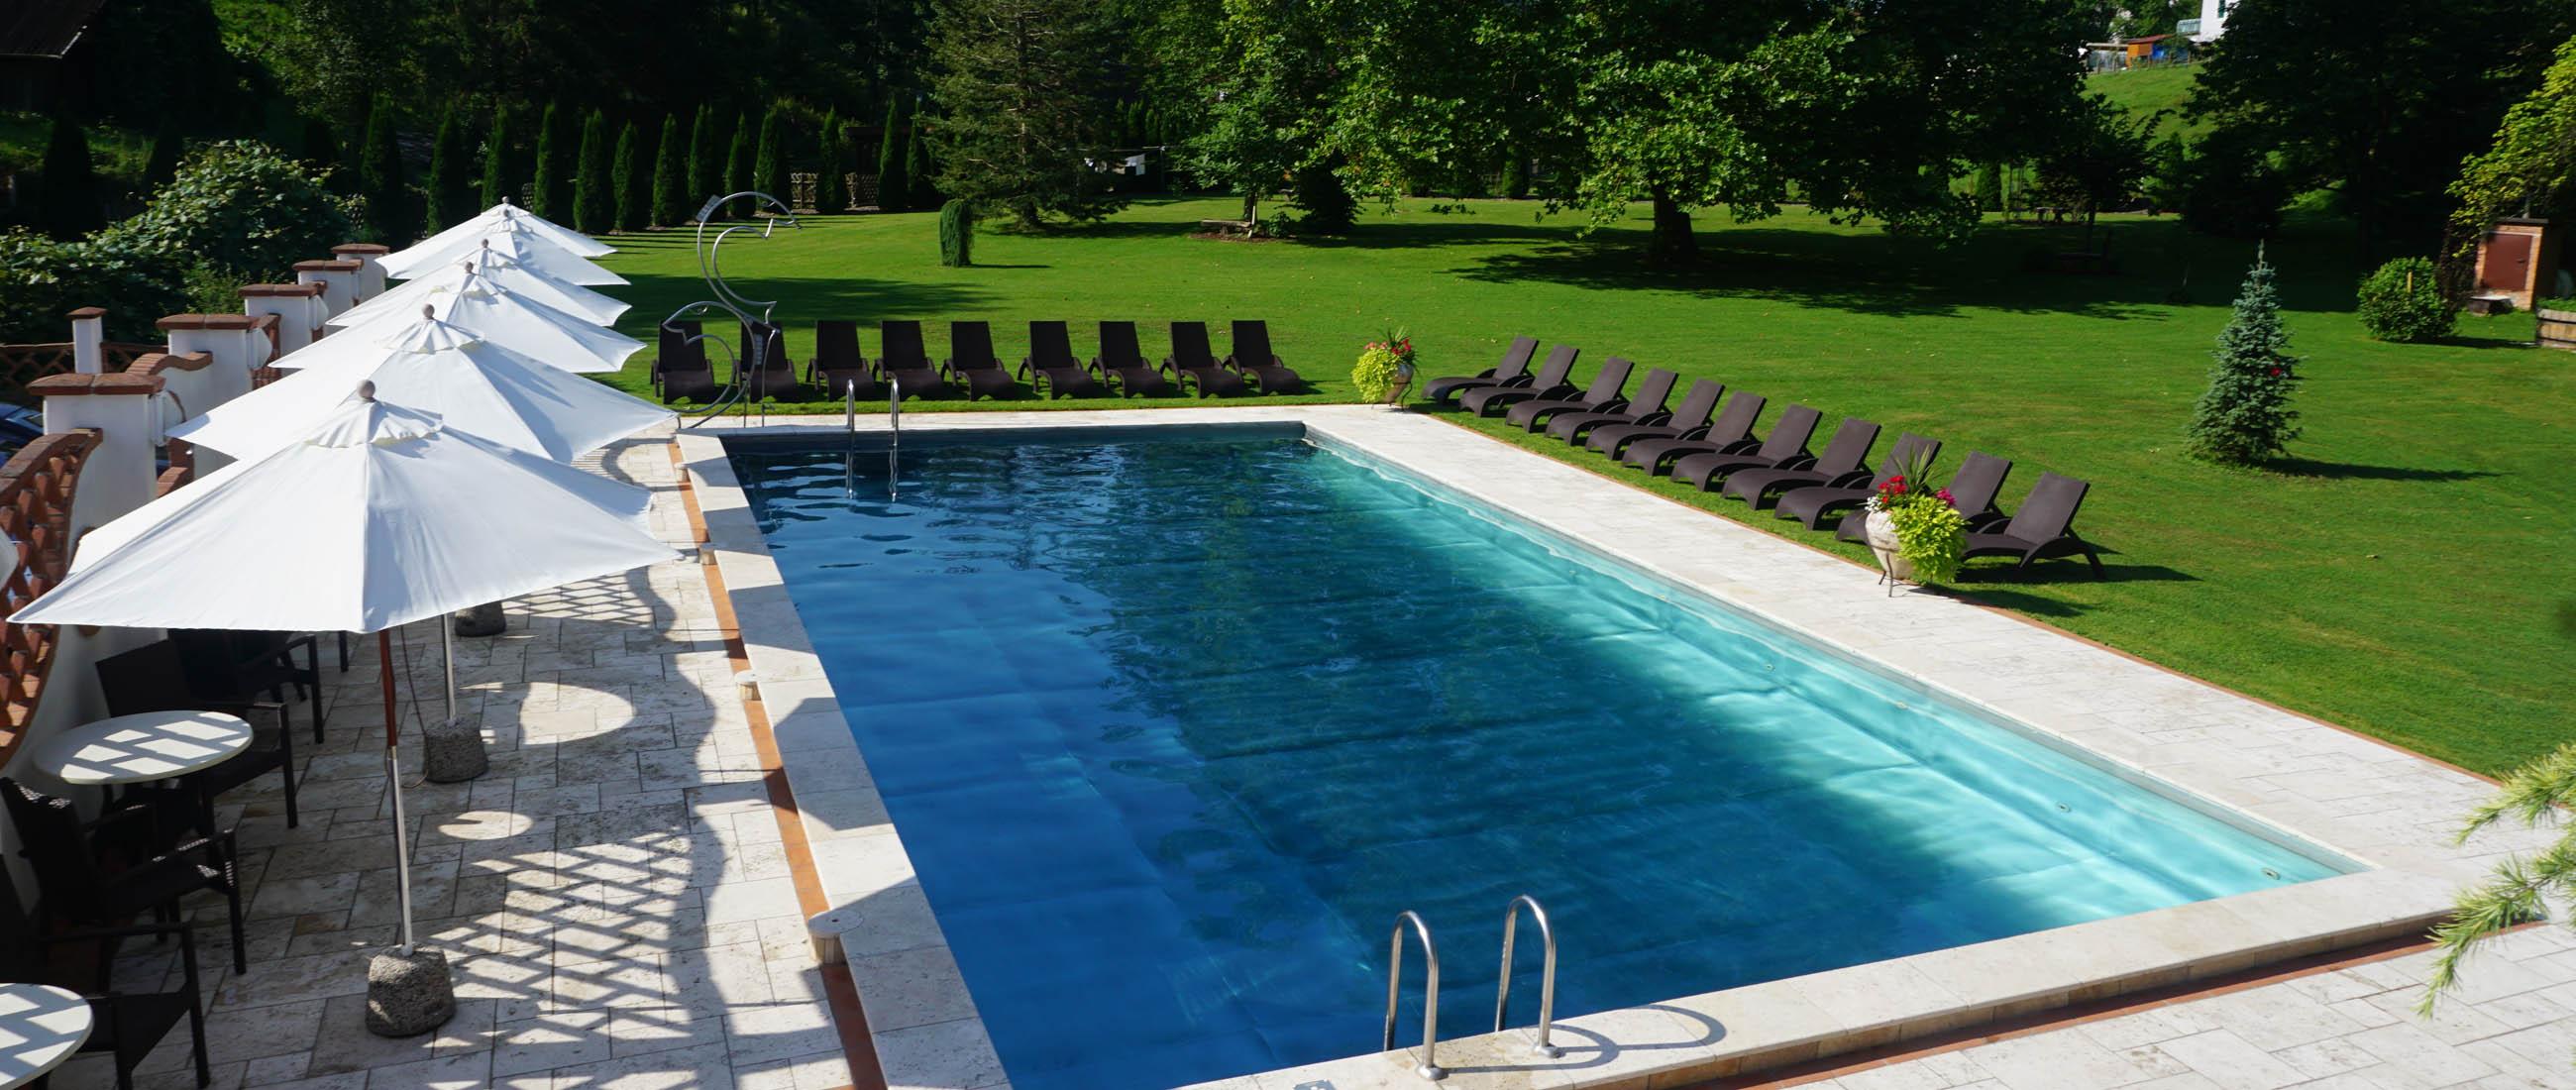 Schwimmbad_mit_Parkanlage